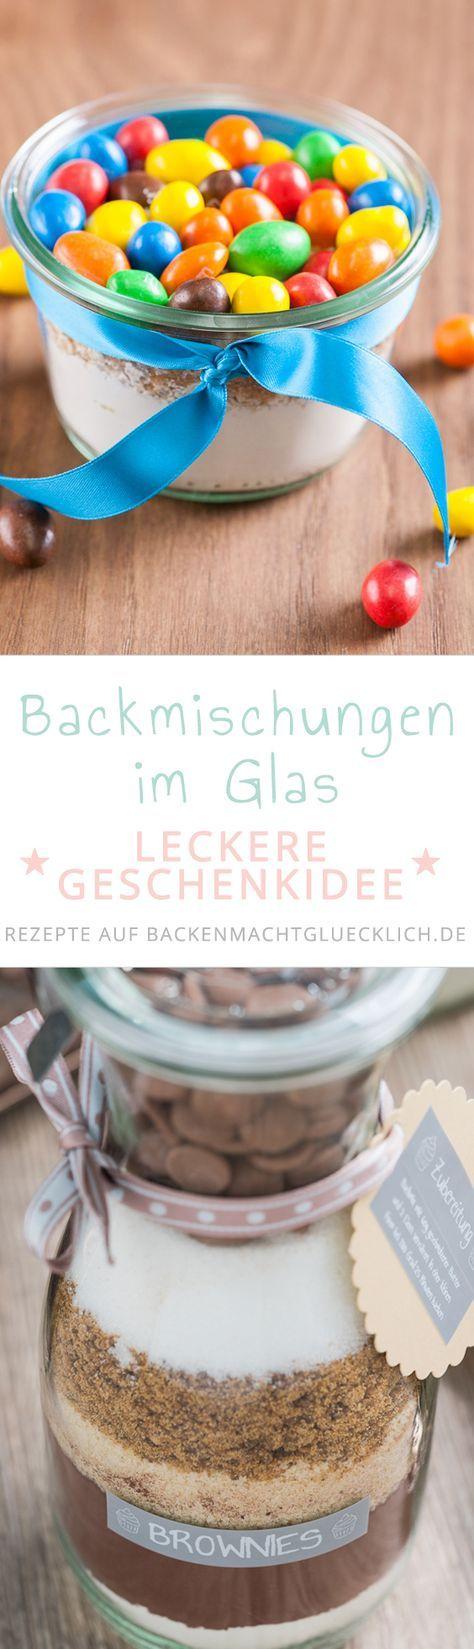 Suchergebnisse für backmischung | Backen macht glücklich